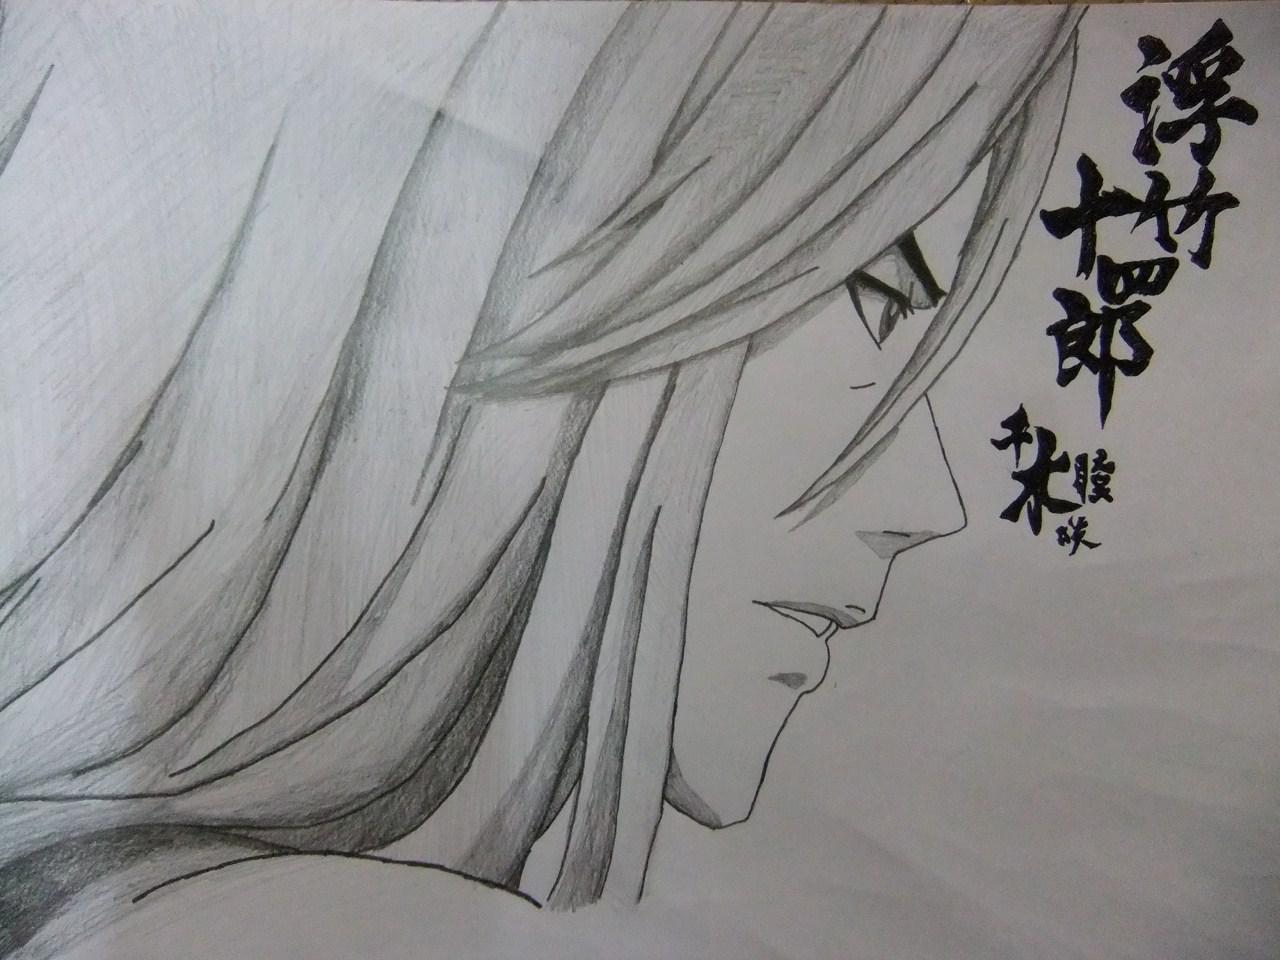 竹子手绘图片铅笔画